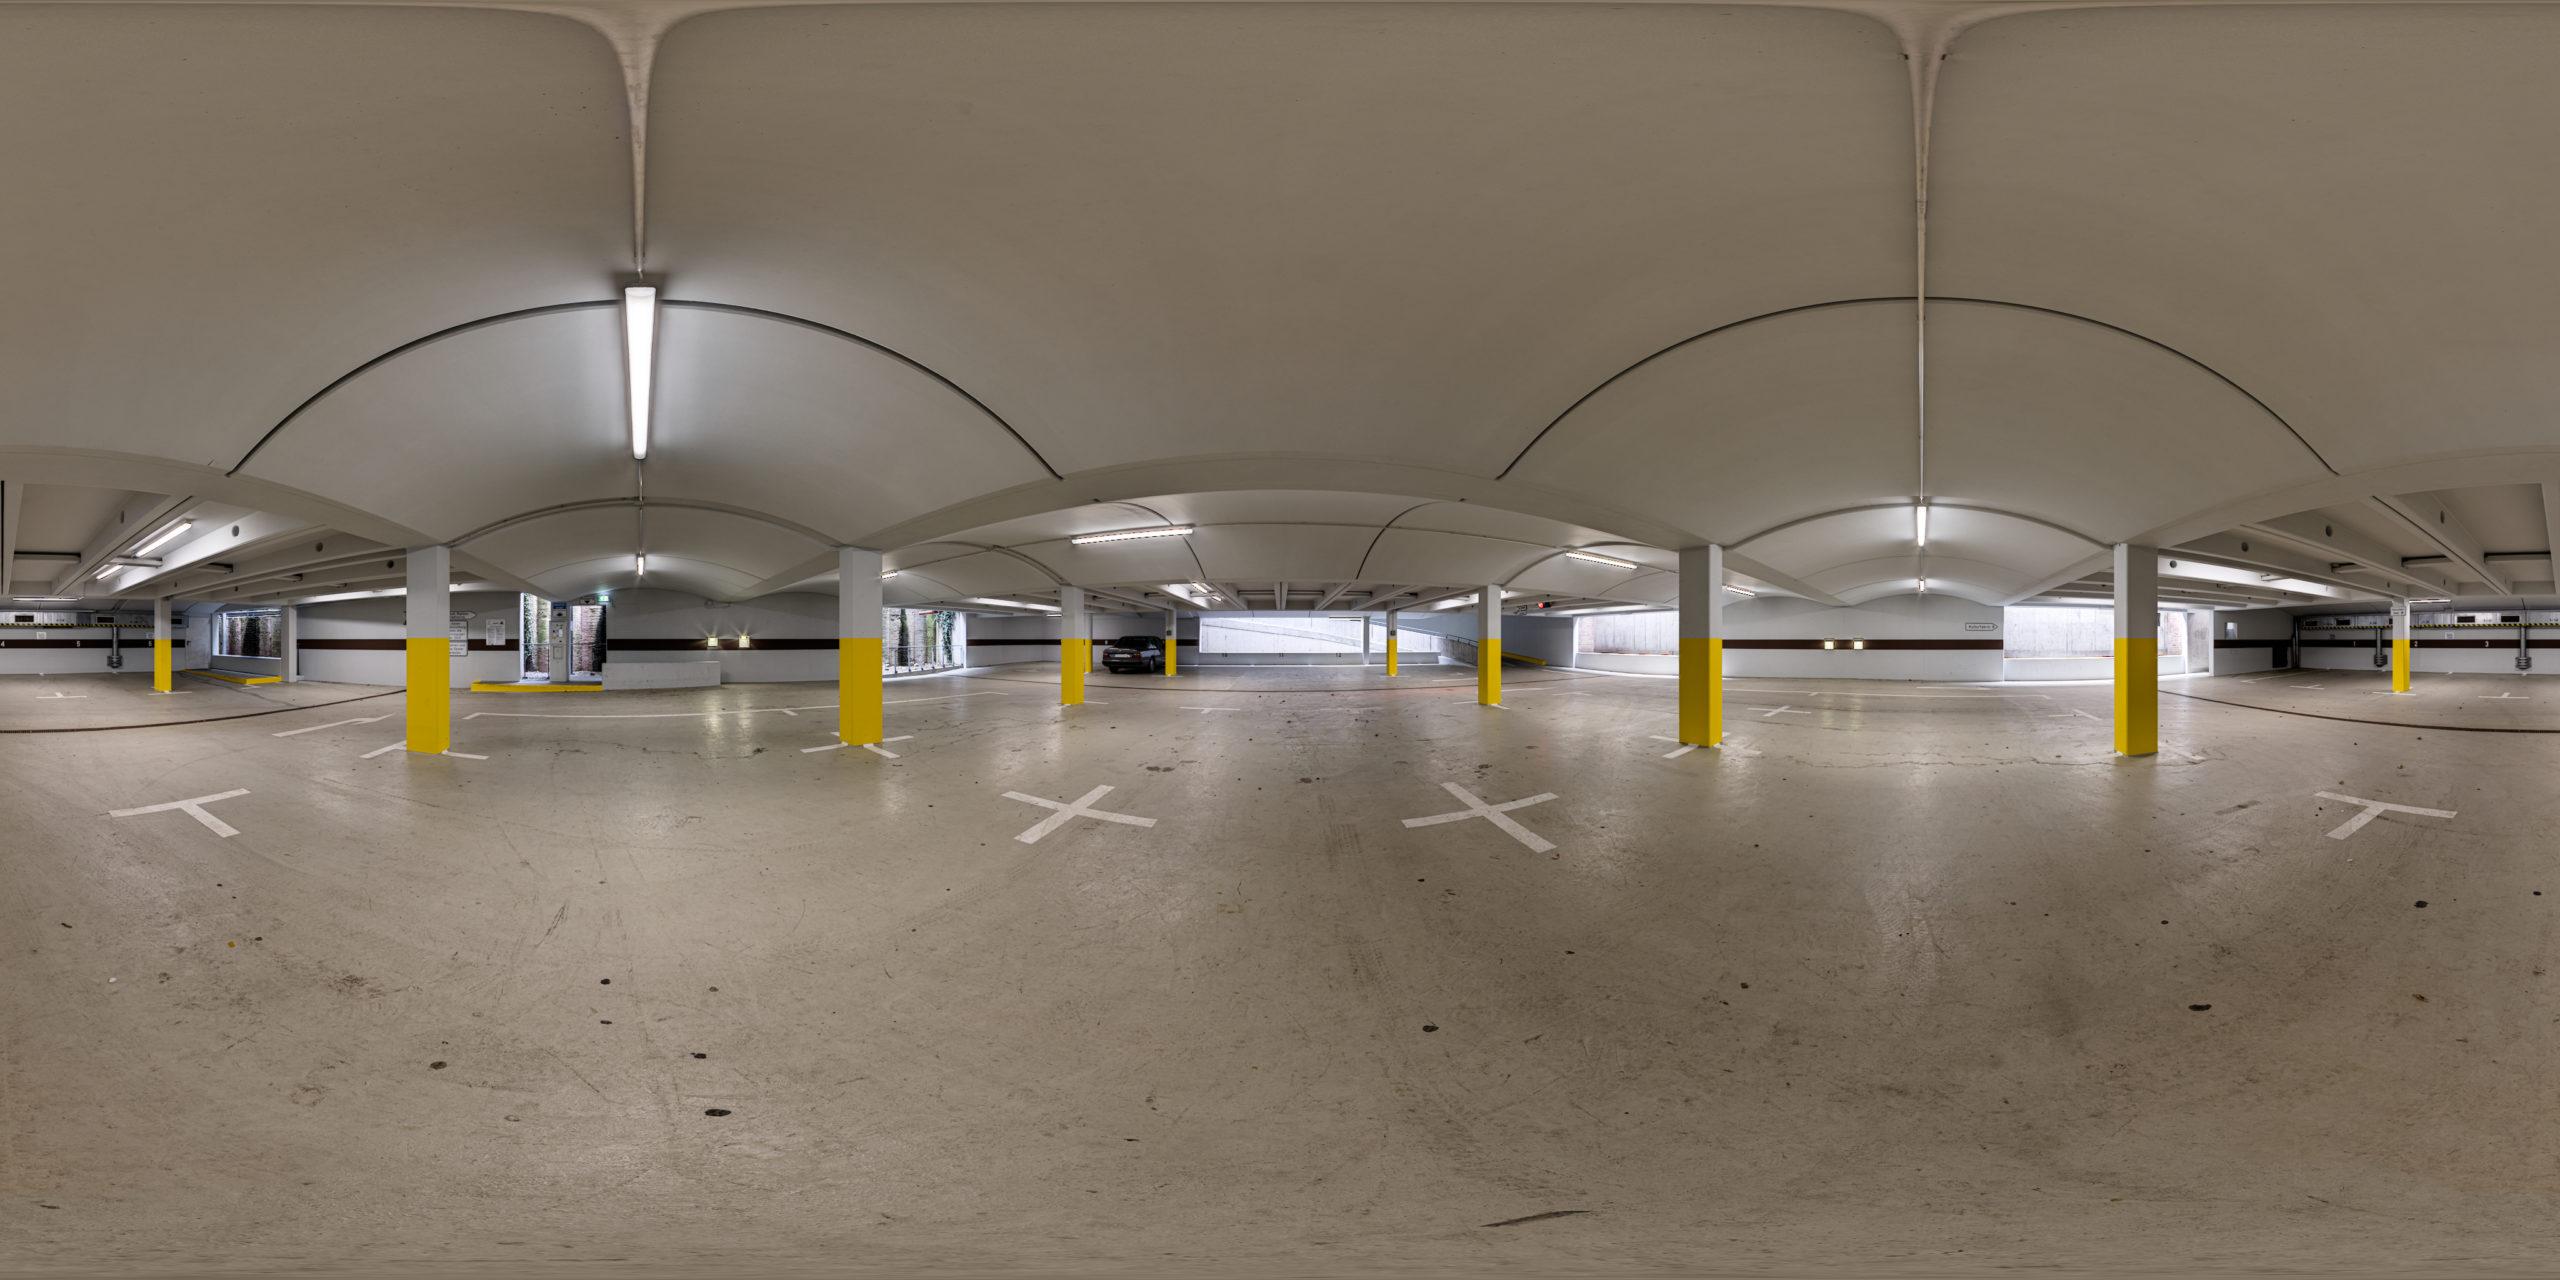 HDRI-Skies-Parking-Garage-Müller-Roth